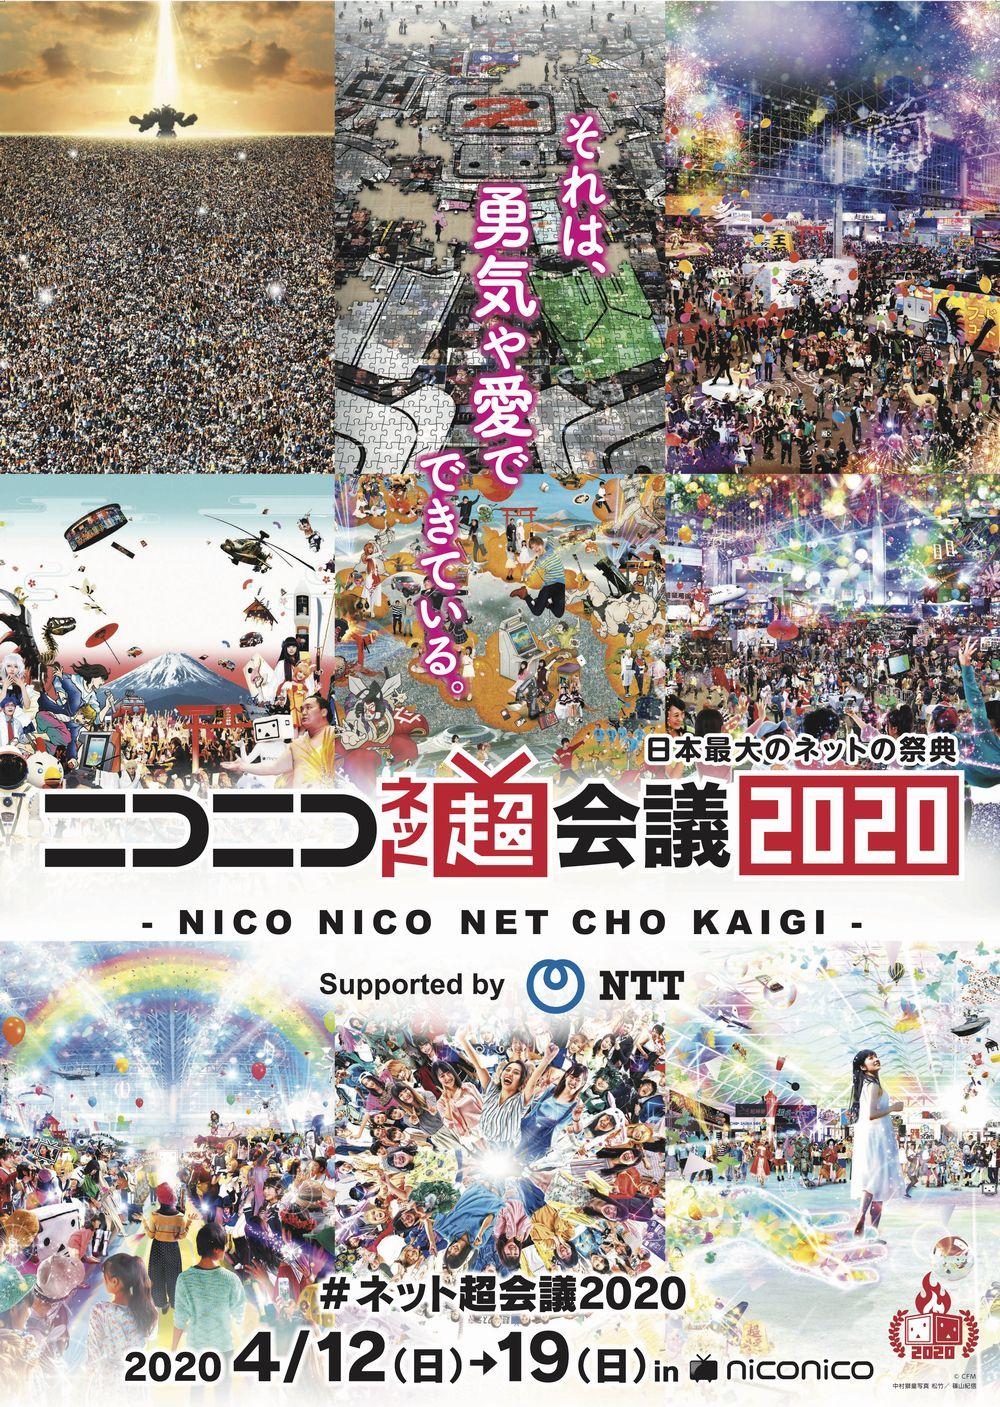 「ニコニコネット超会議2020」のイベント前半戦公式レポートが公開!